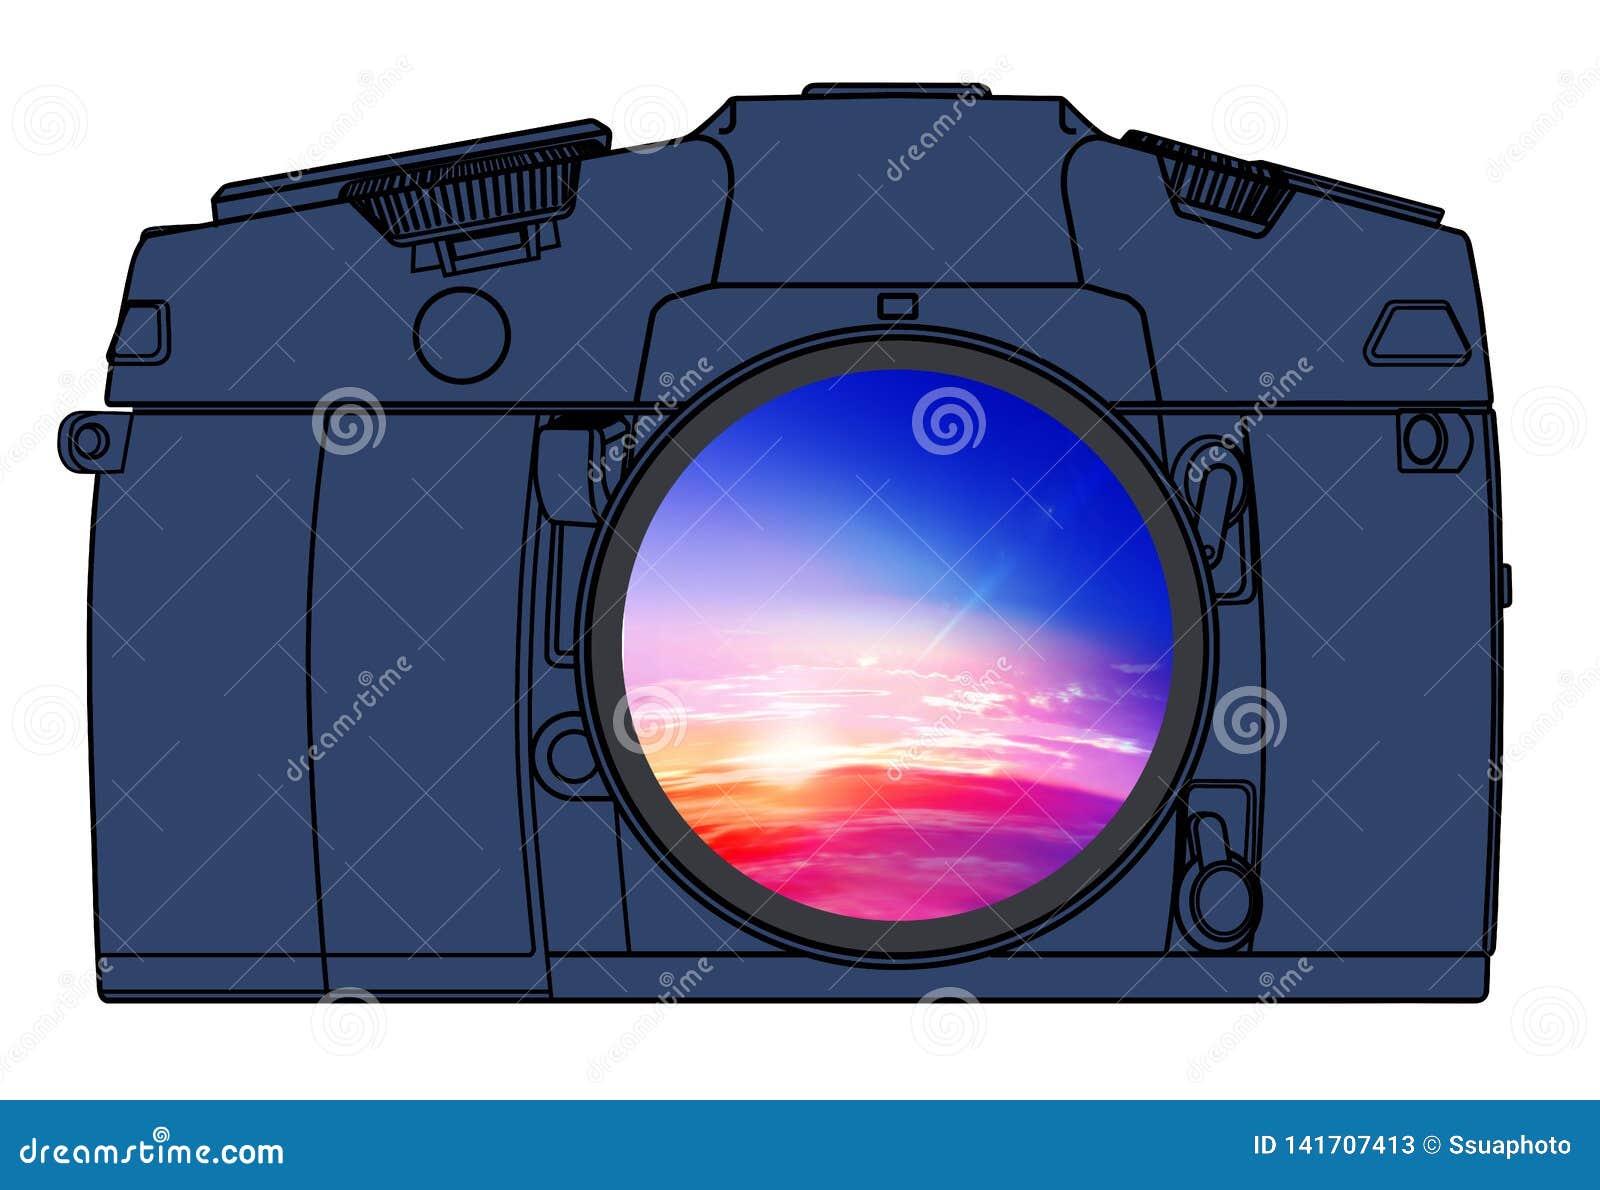 Fotokamera lokalisiert